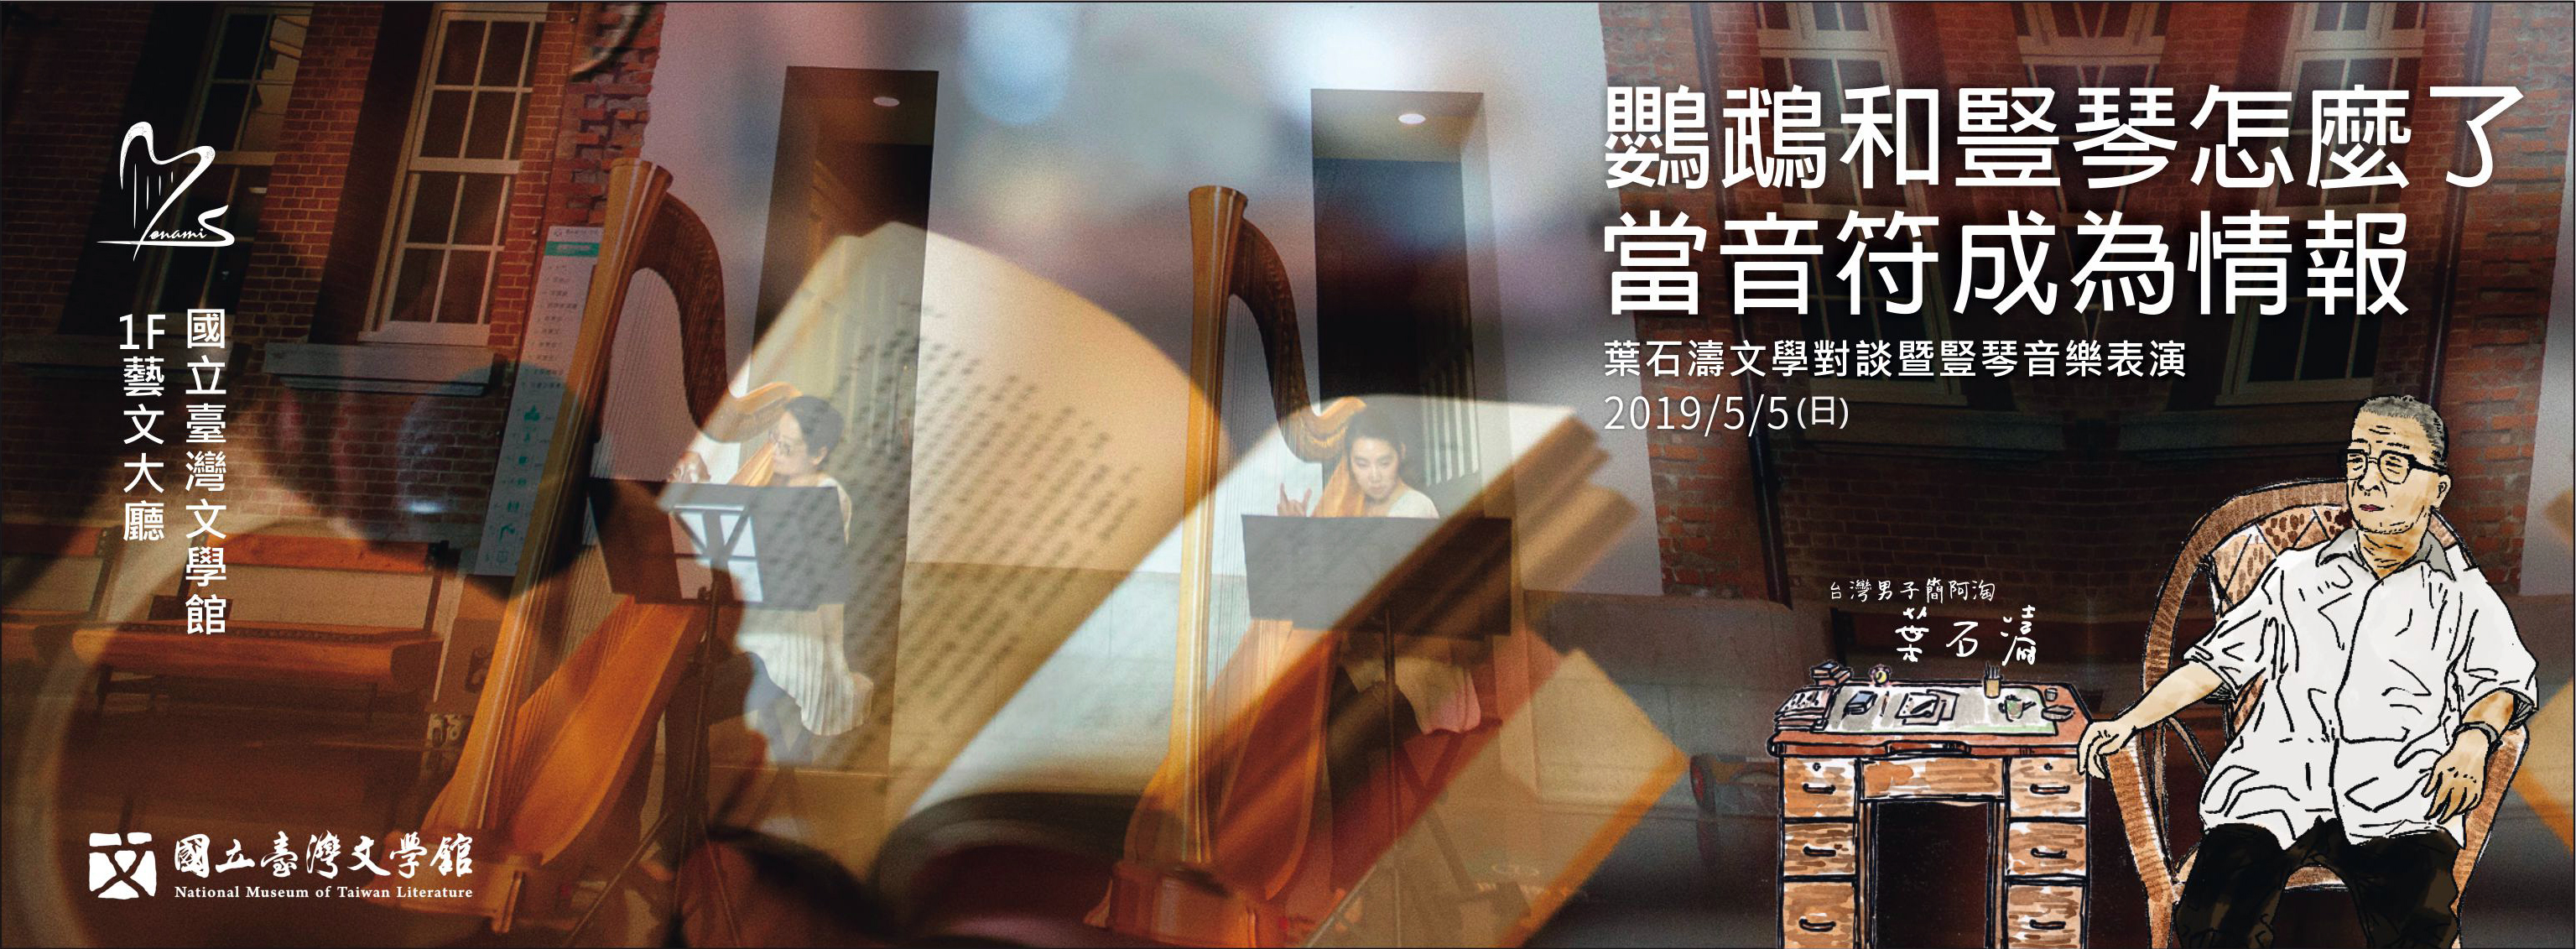 《鸚鵡和豎琴怎麼了—當音符成為情報》葉石濤文學對談暨豎琴音樂表演 - 國立臺灣文學館